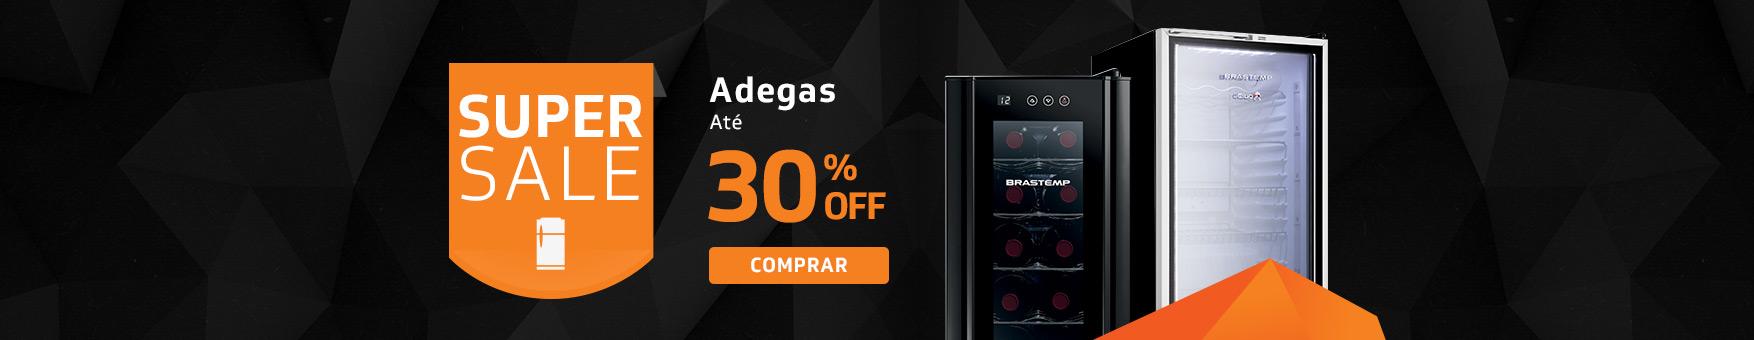 Promoção Interna - 96 - super sale_adegas_home_29062015 - adegas - 1